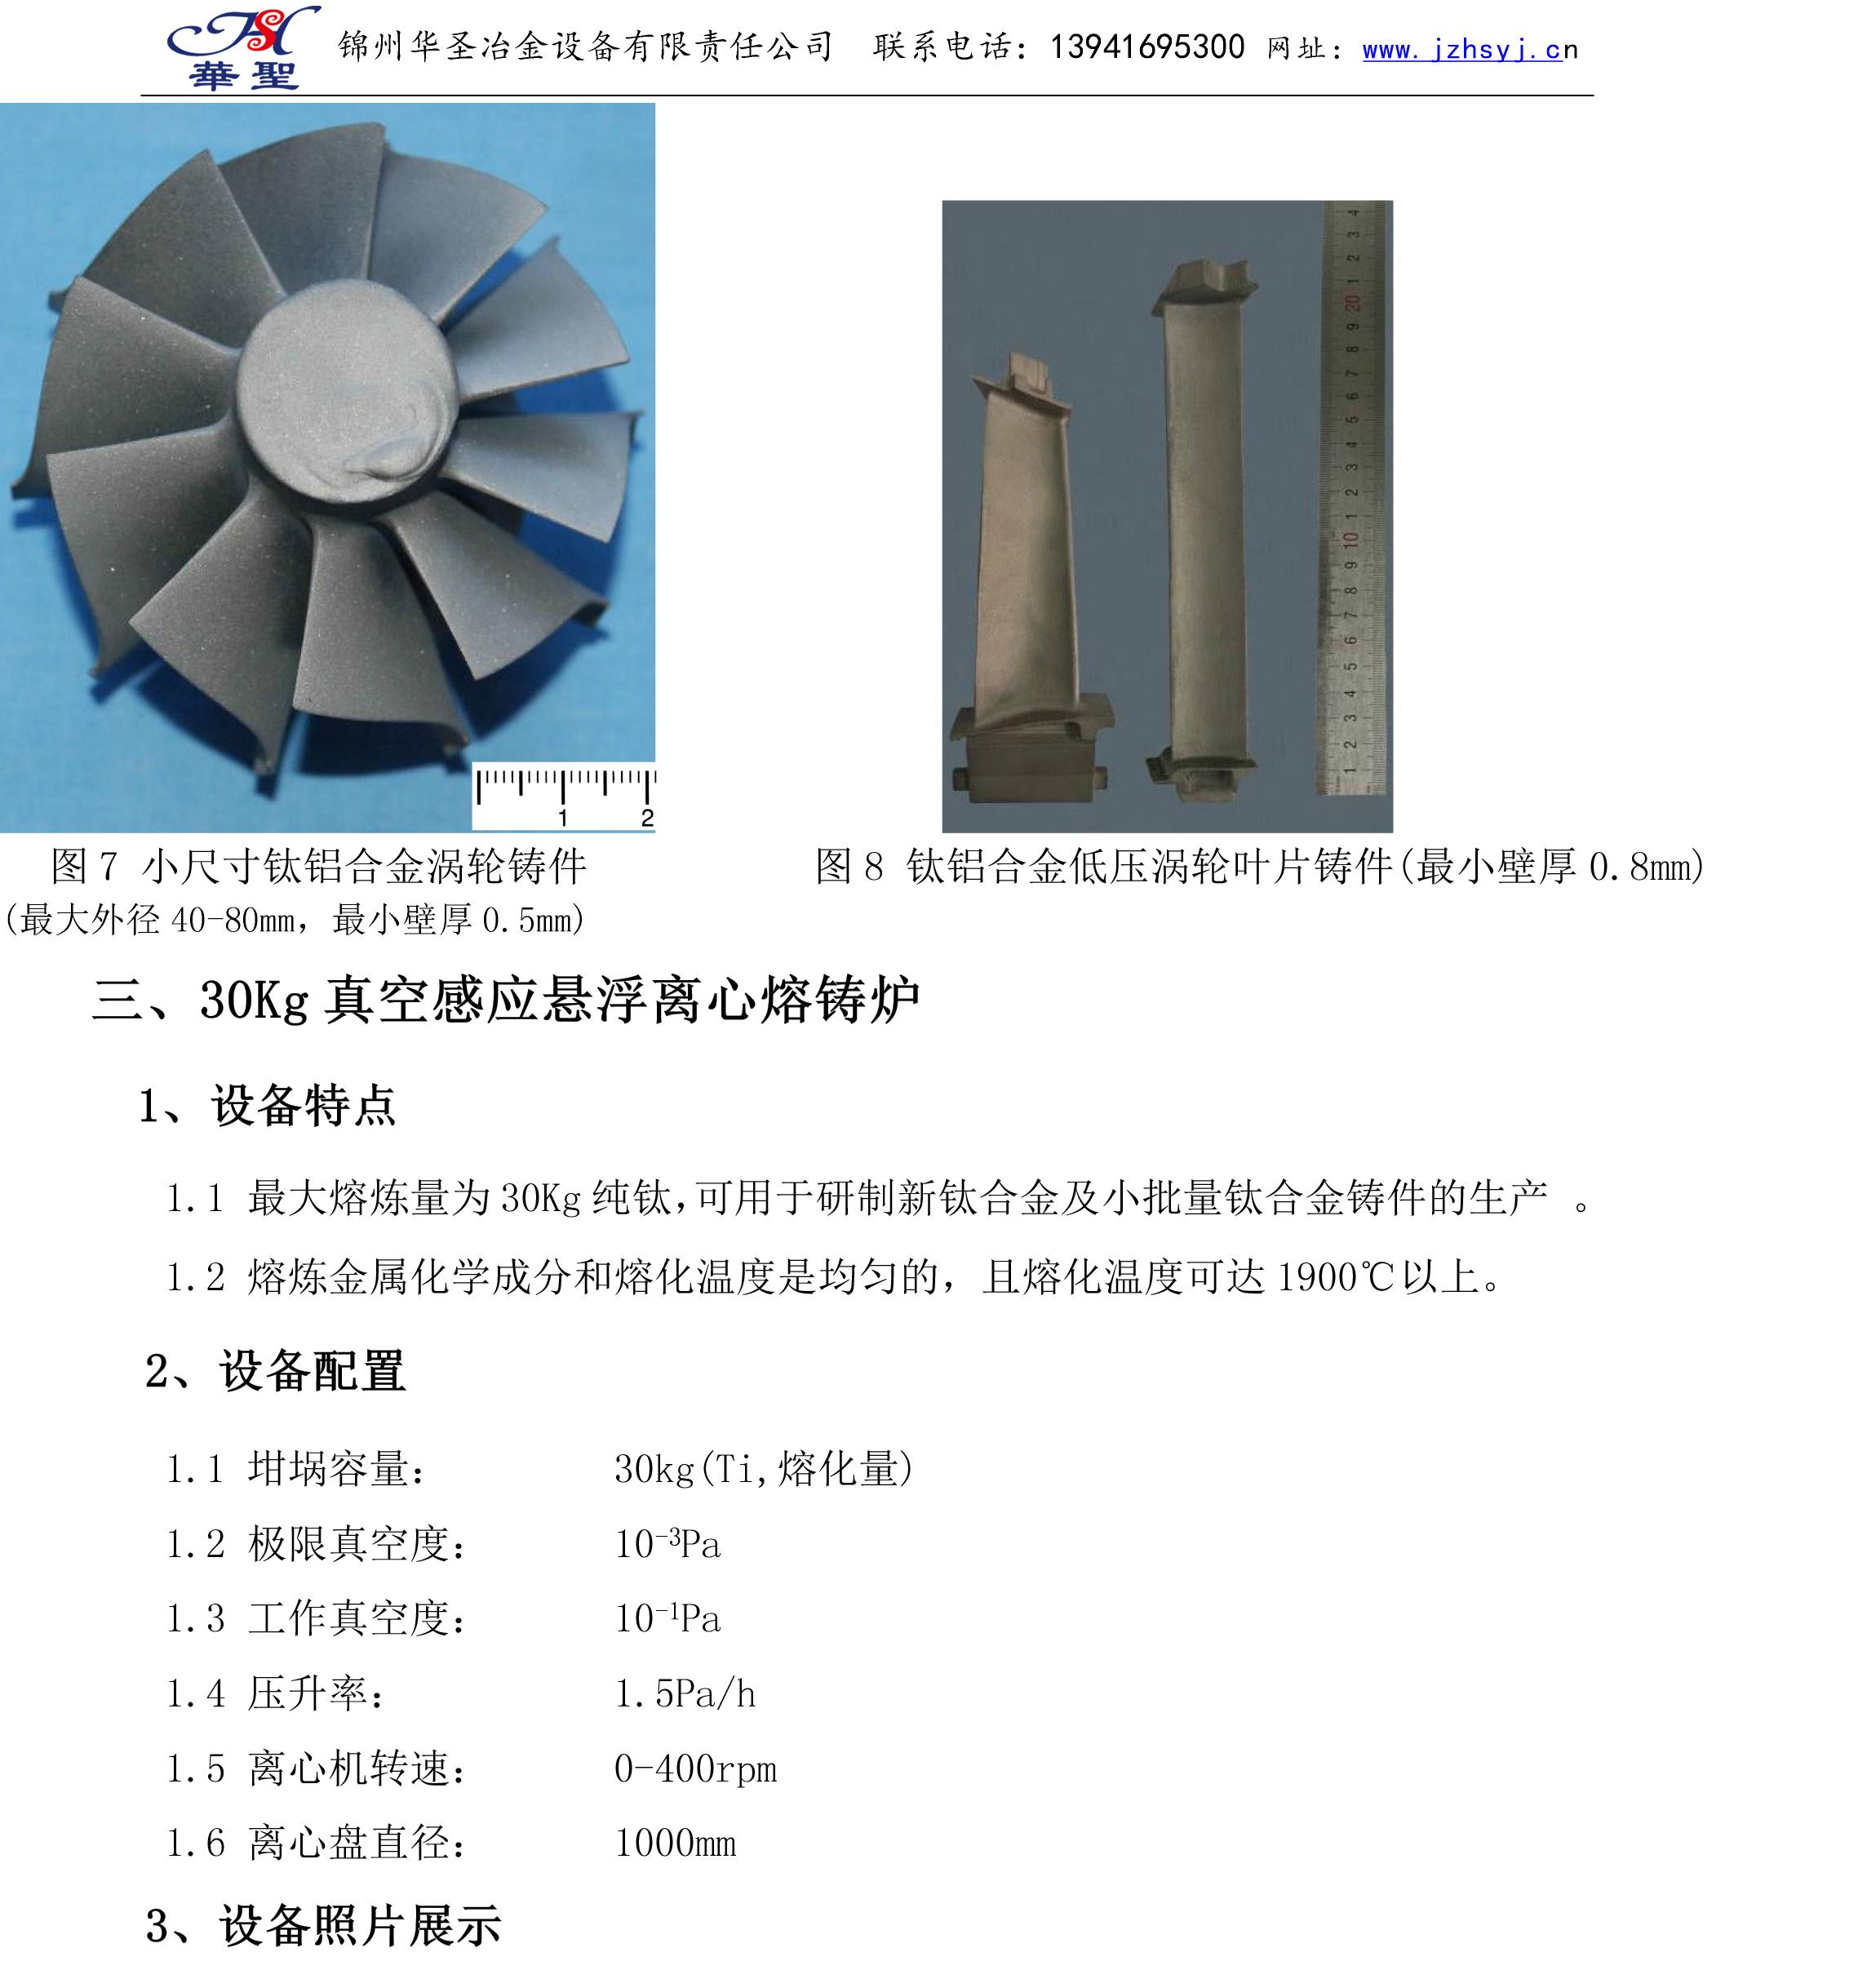 悬浮炉设备及产品介绍20180718-5.jpg